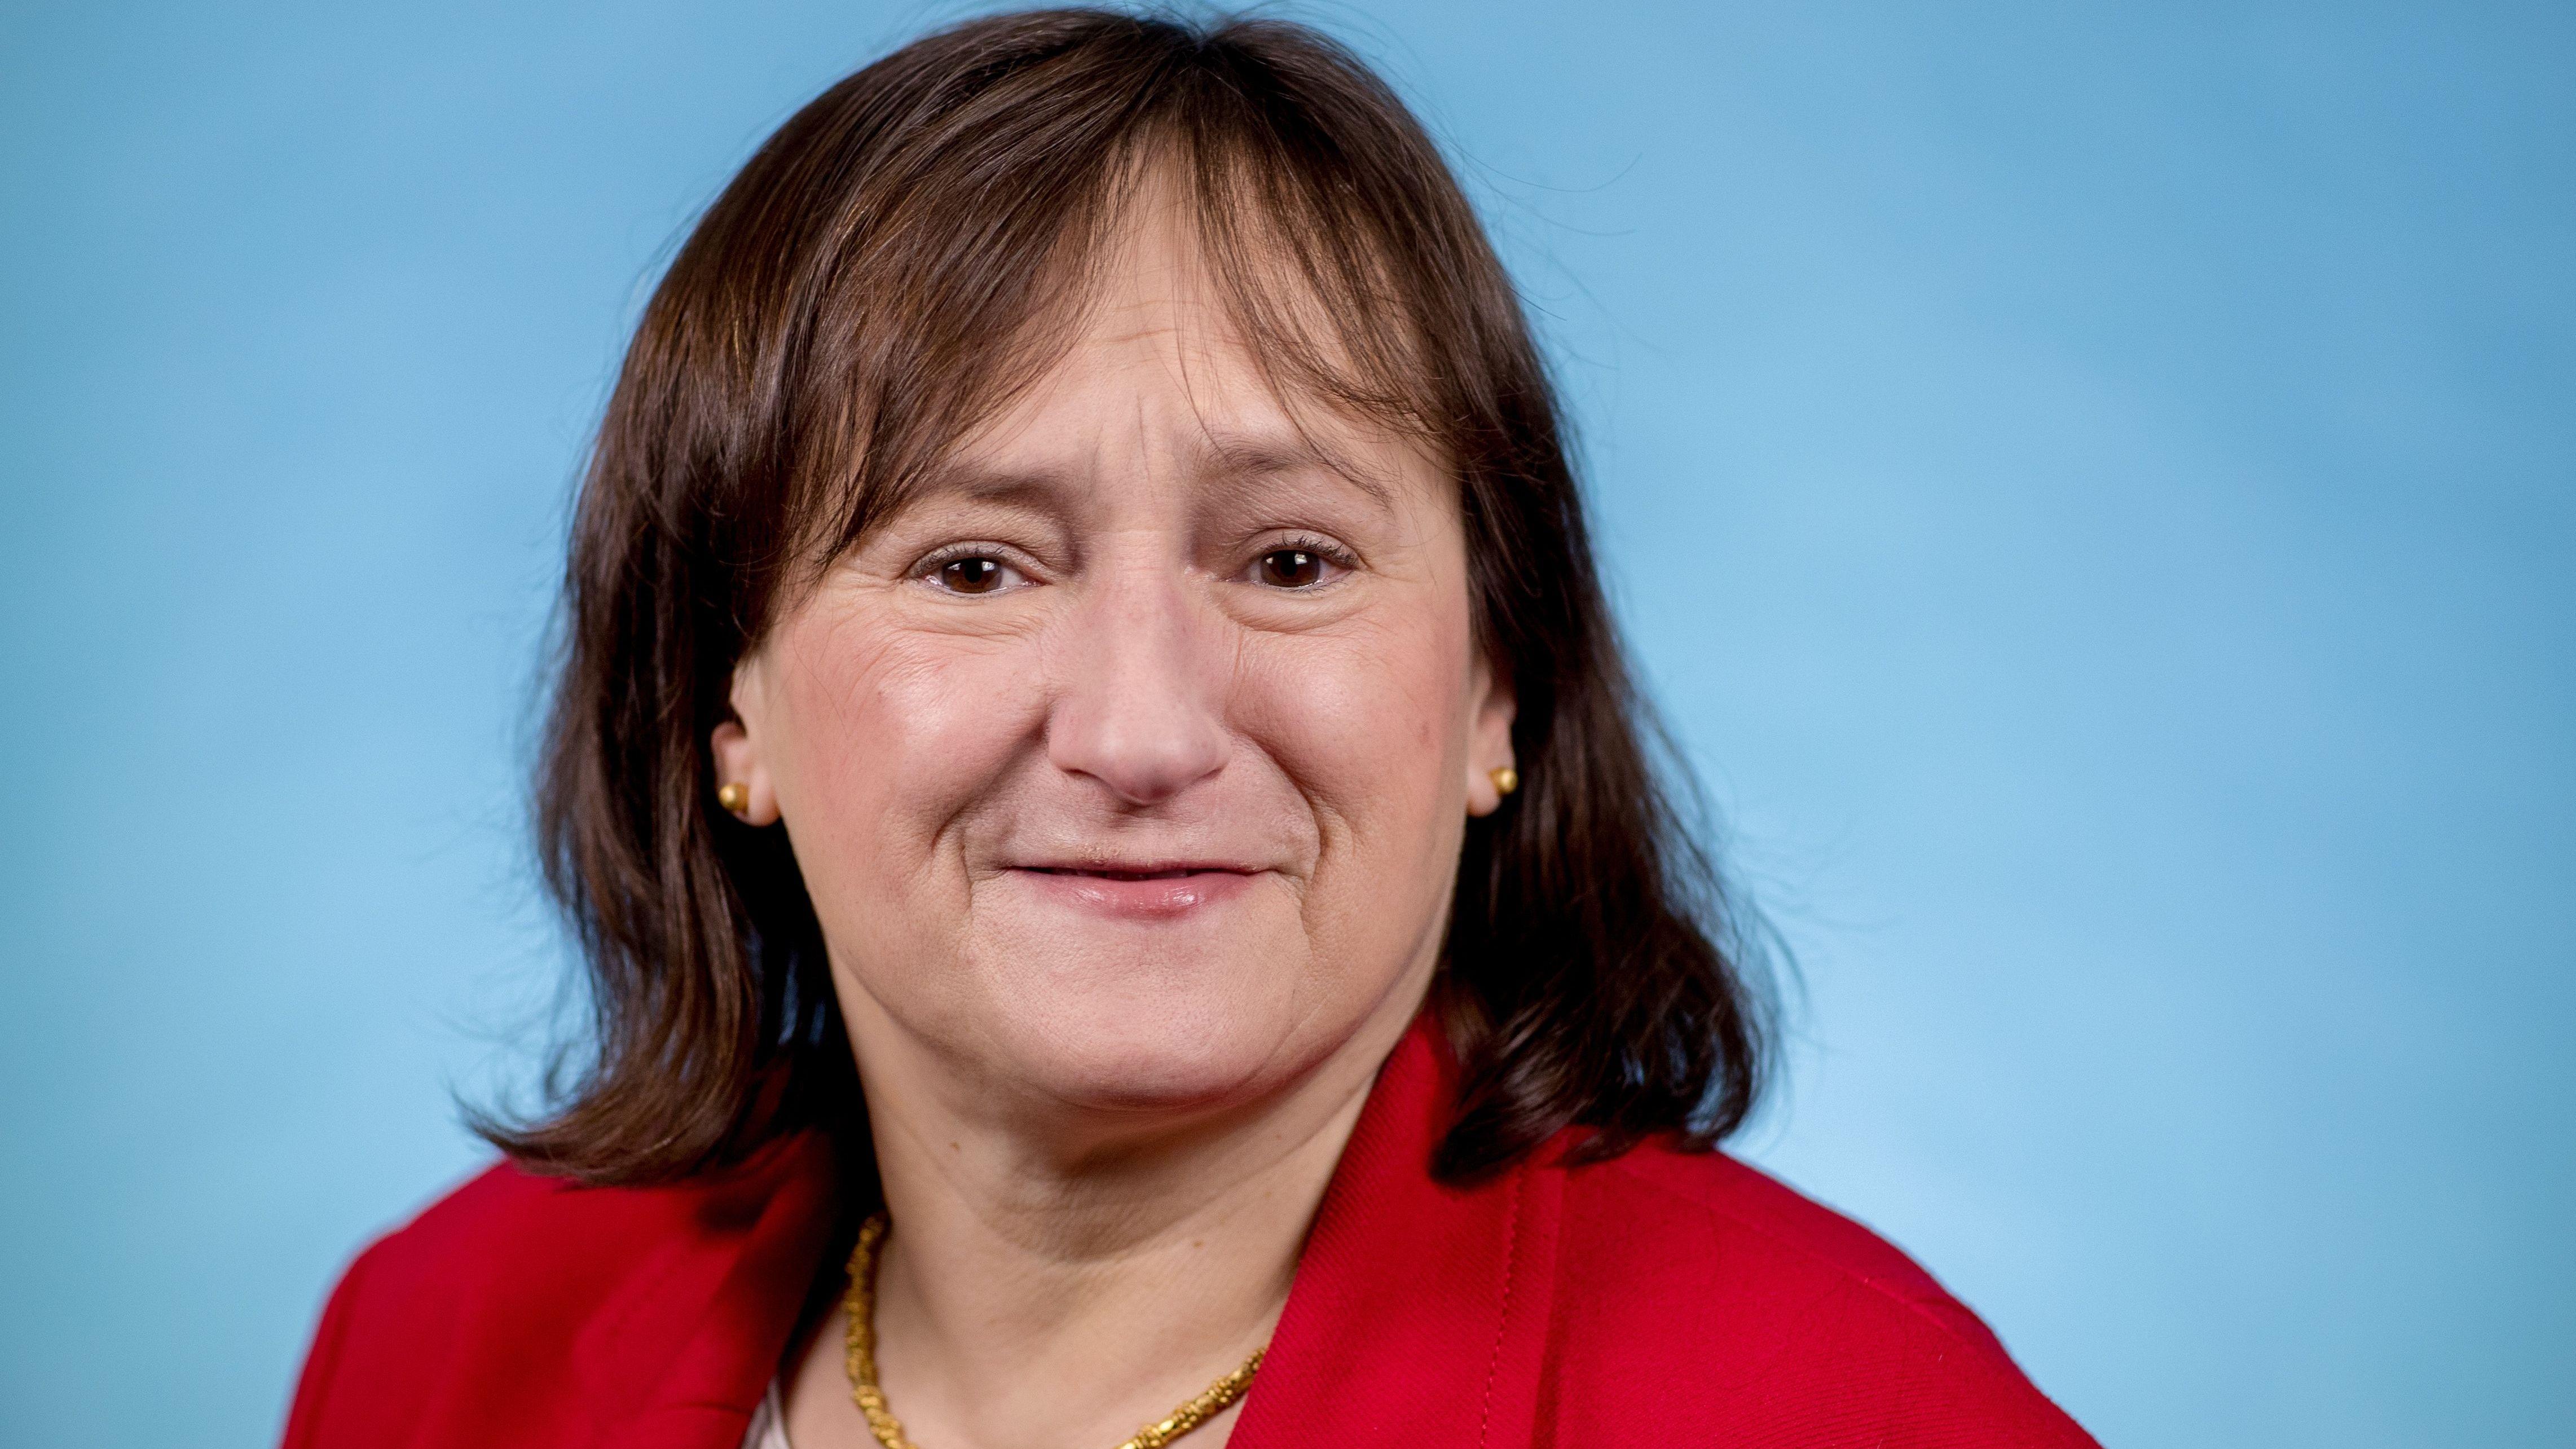 Marianne Schieder, Bundestagsabgeordnete in der SPD Fraktion